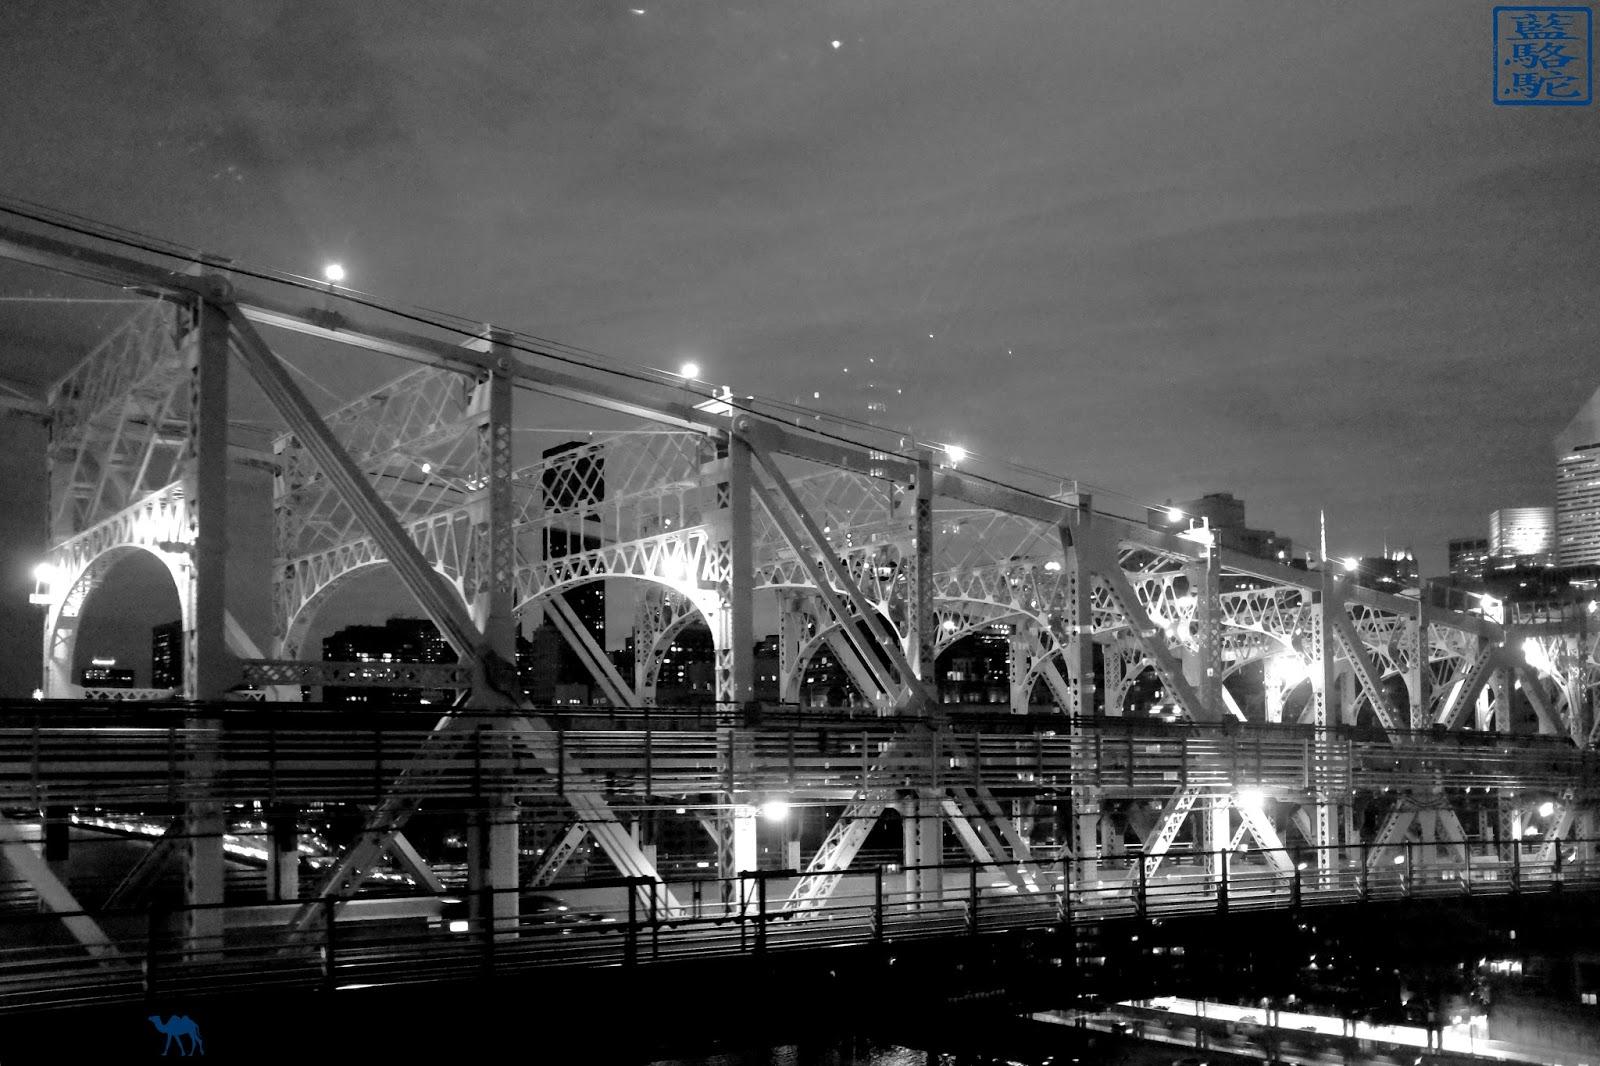 Le Chameau Bleu - QueensBoro bridge depuis le téléphérique